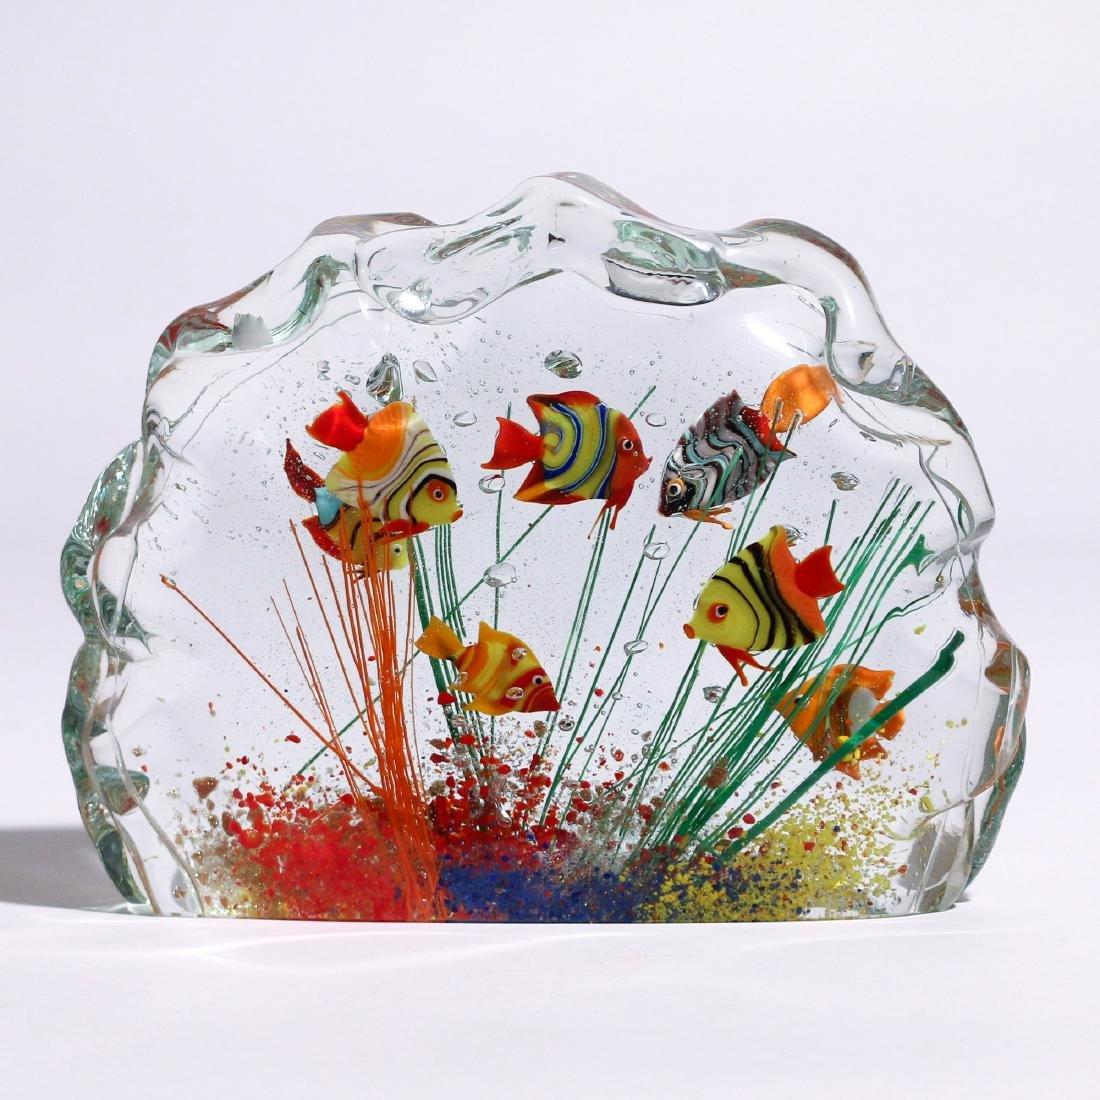 MURANO GLASS FISH AQUARIUM SCULPTURE